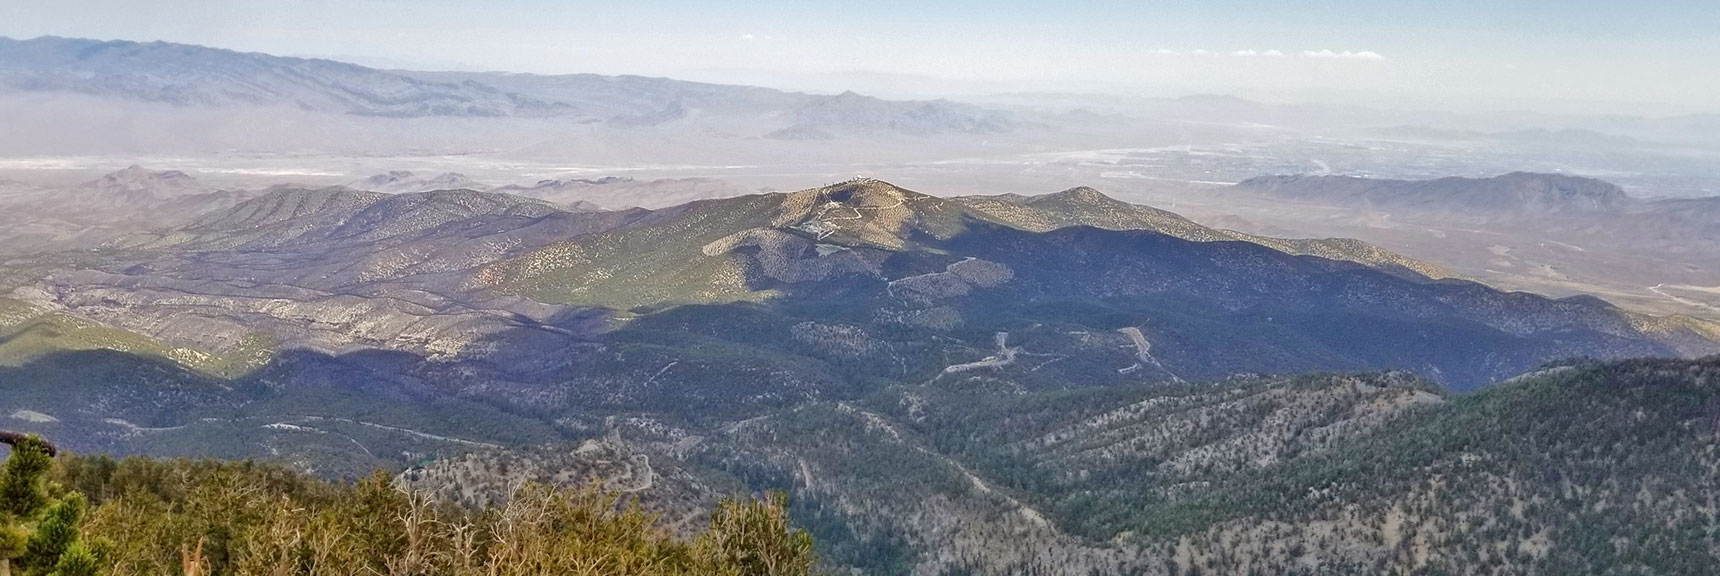 Centennial Hills, Gass Peak and Sheep Range from Mummy Mountain's Northeastern Cliffs   Mummy Mountain NNE, Mt. Charleston Wilderness, Nevada, Slide 029